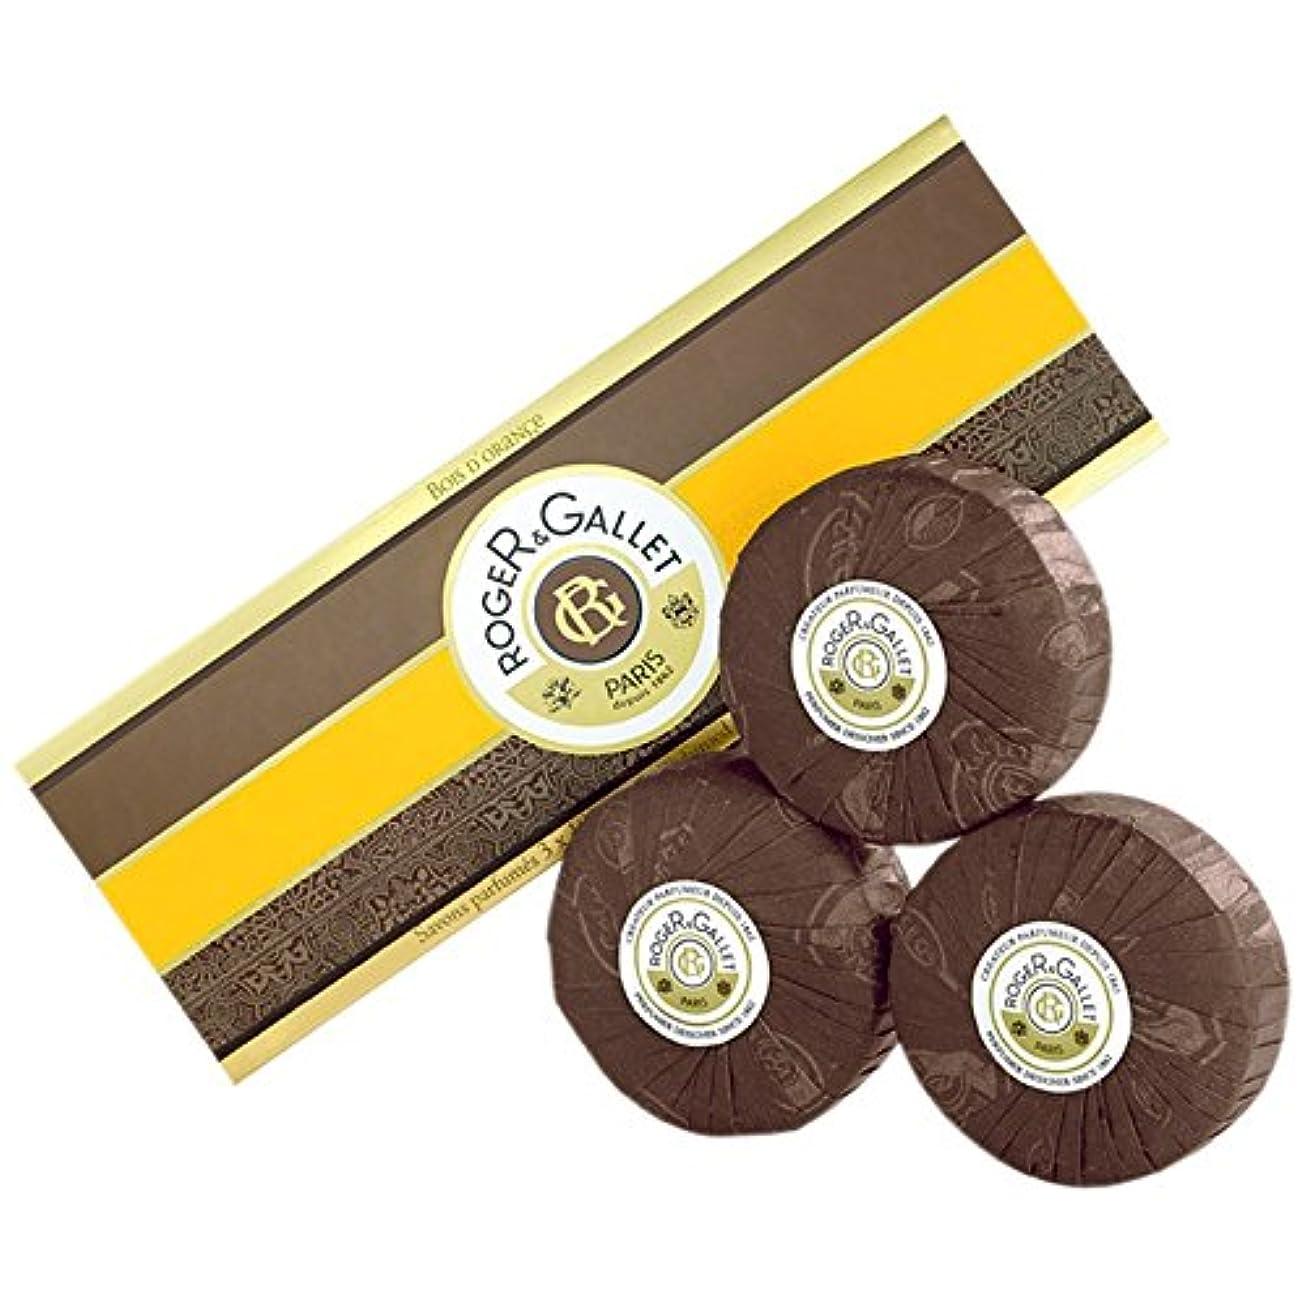 繊維ピンポイント警戒ロジャー&GalletのBoisのドールオレンジソープ3つのX 100グラム (Roger & Gallet) - Roger & Gallet Bois D'Orange Soap 3 x 100g [並行輸入品]